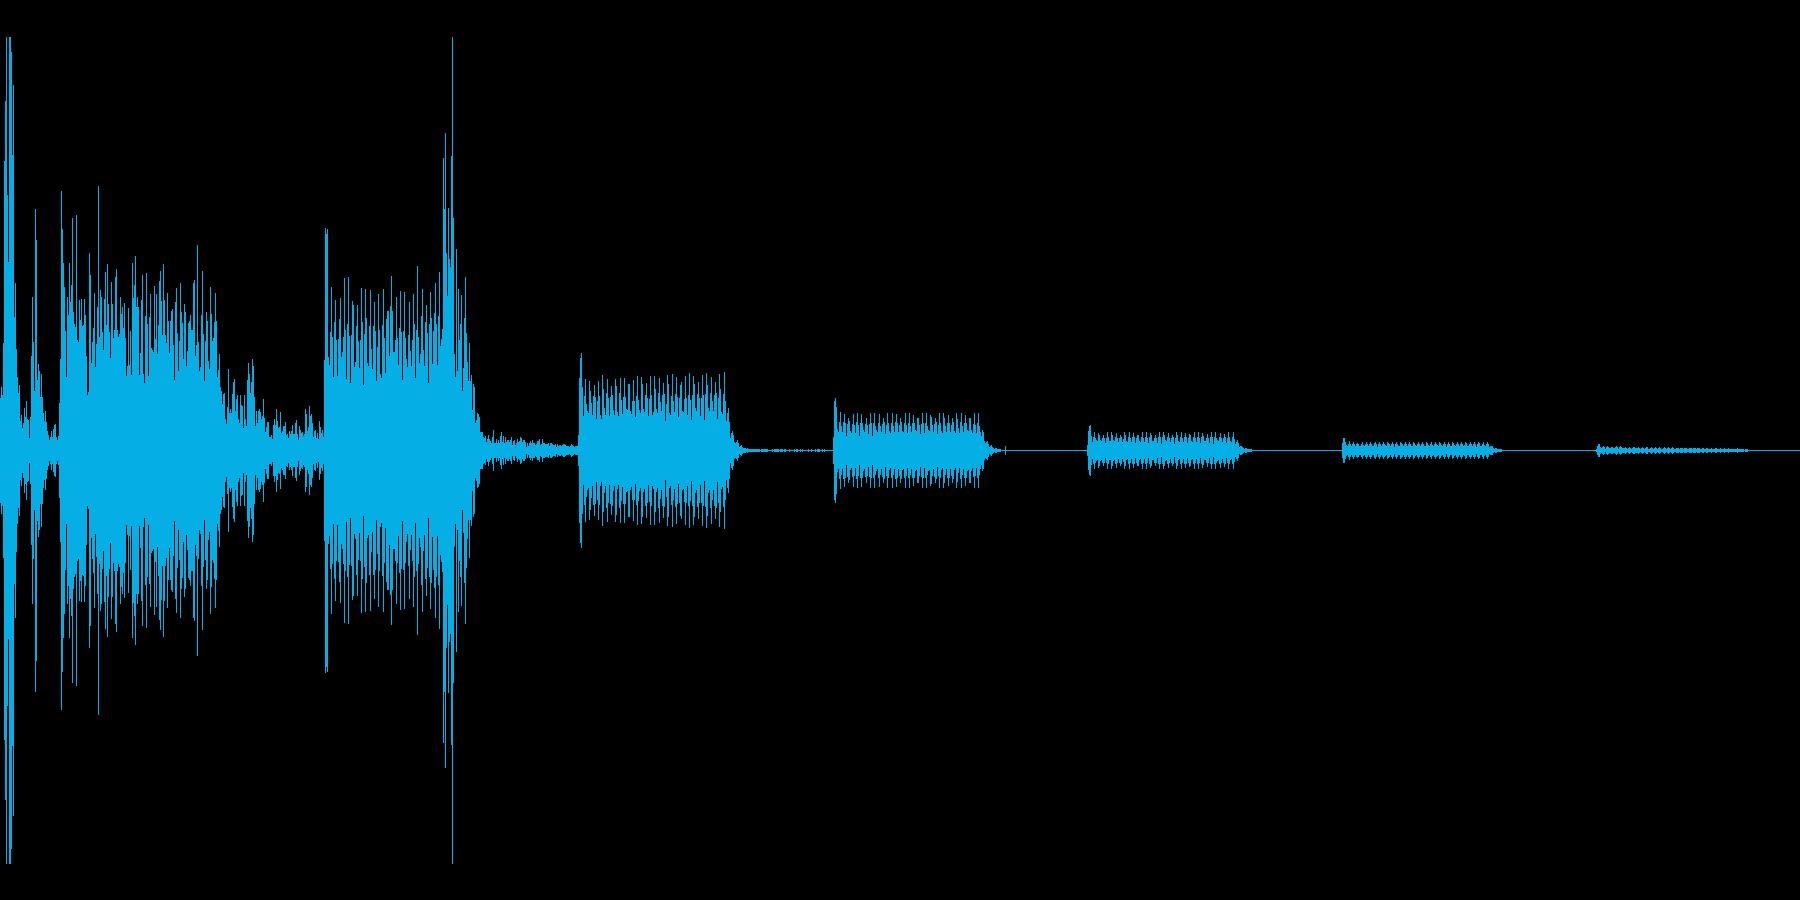 カチッピピピピッ(ターゲット選択音の再生済みの波形